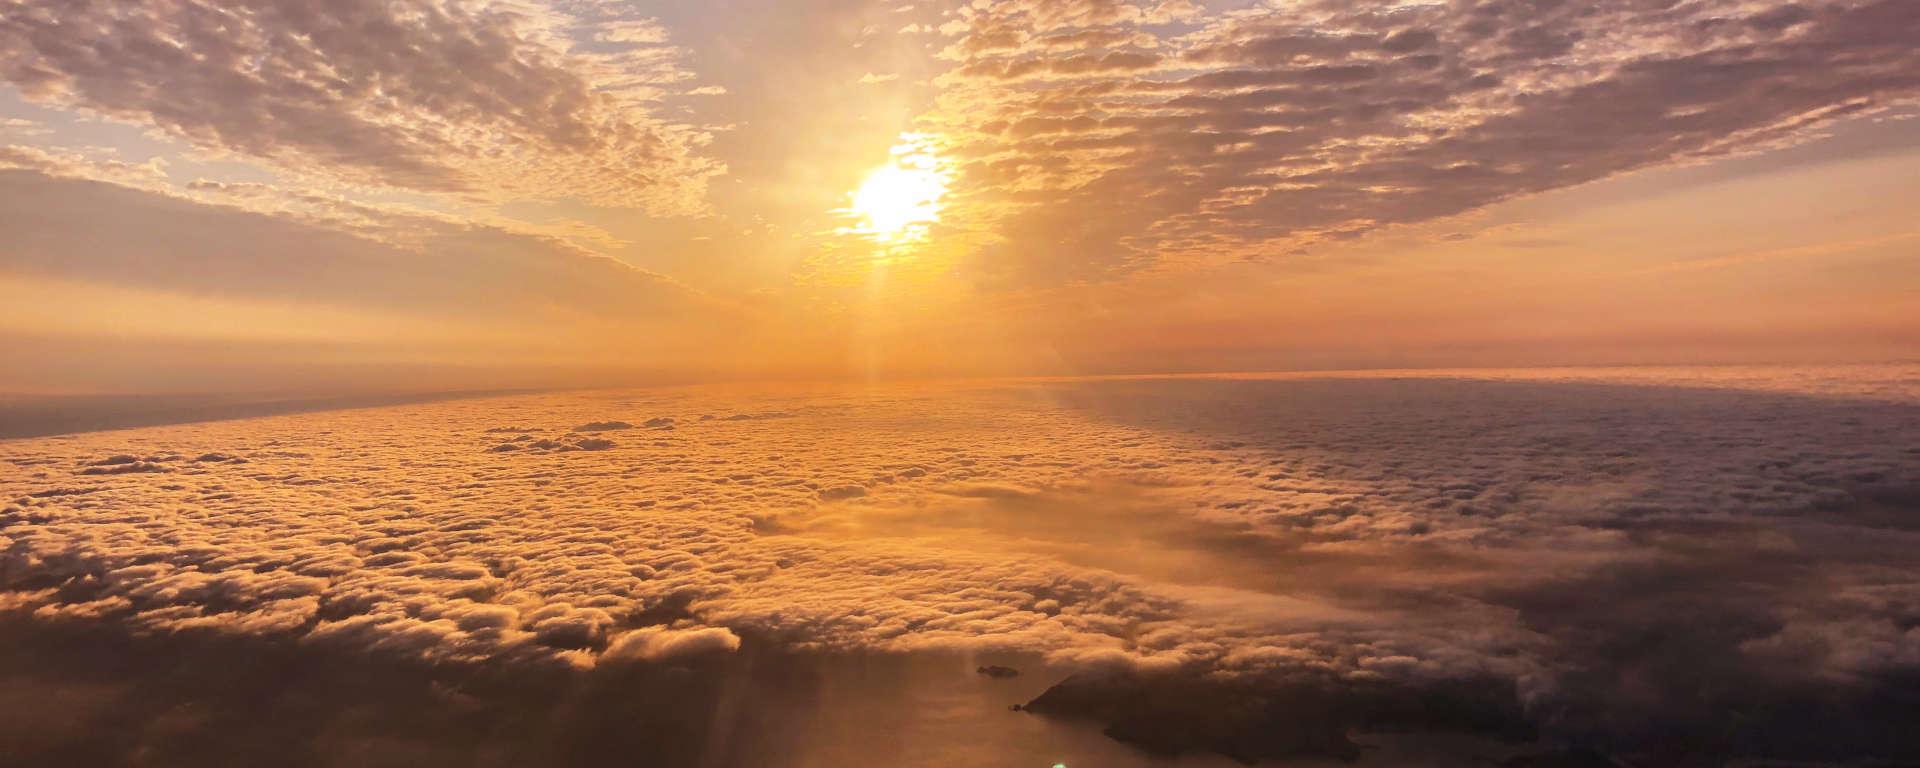 Sonnenuntergang über den Wolken - Der Blick aus dem Cockpit